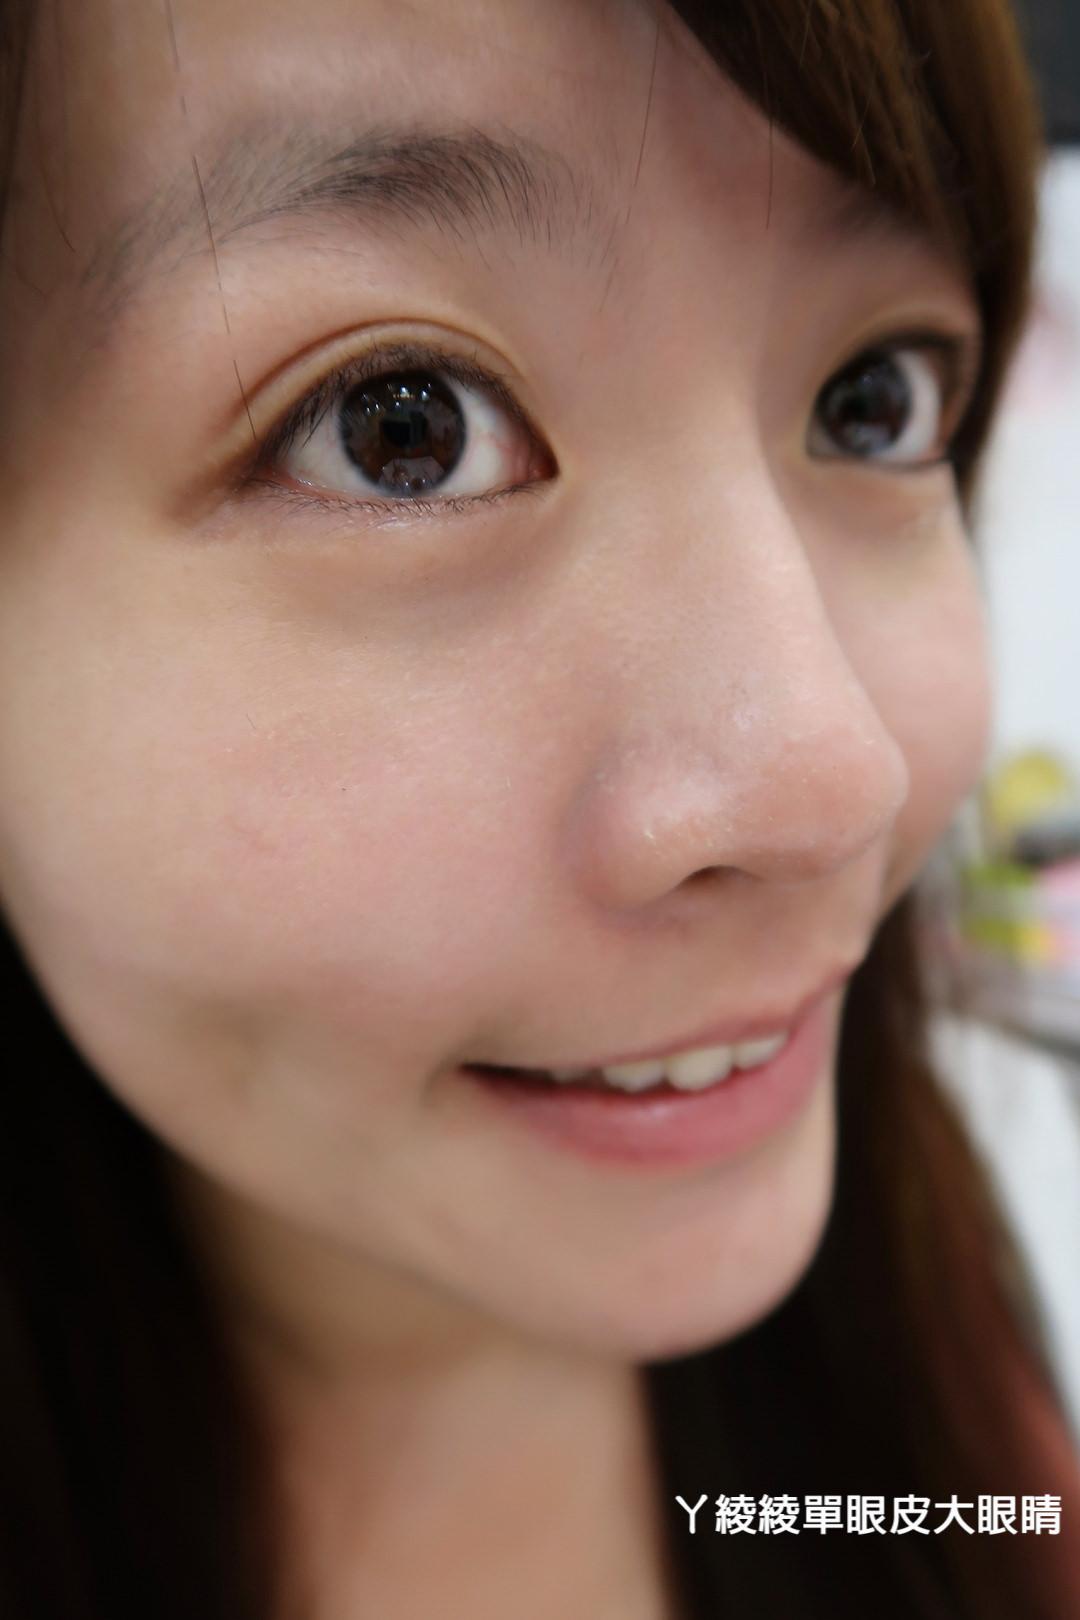 台中嫁接睫毛推薦《愛甲玩美》,你也可以變電眼美人